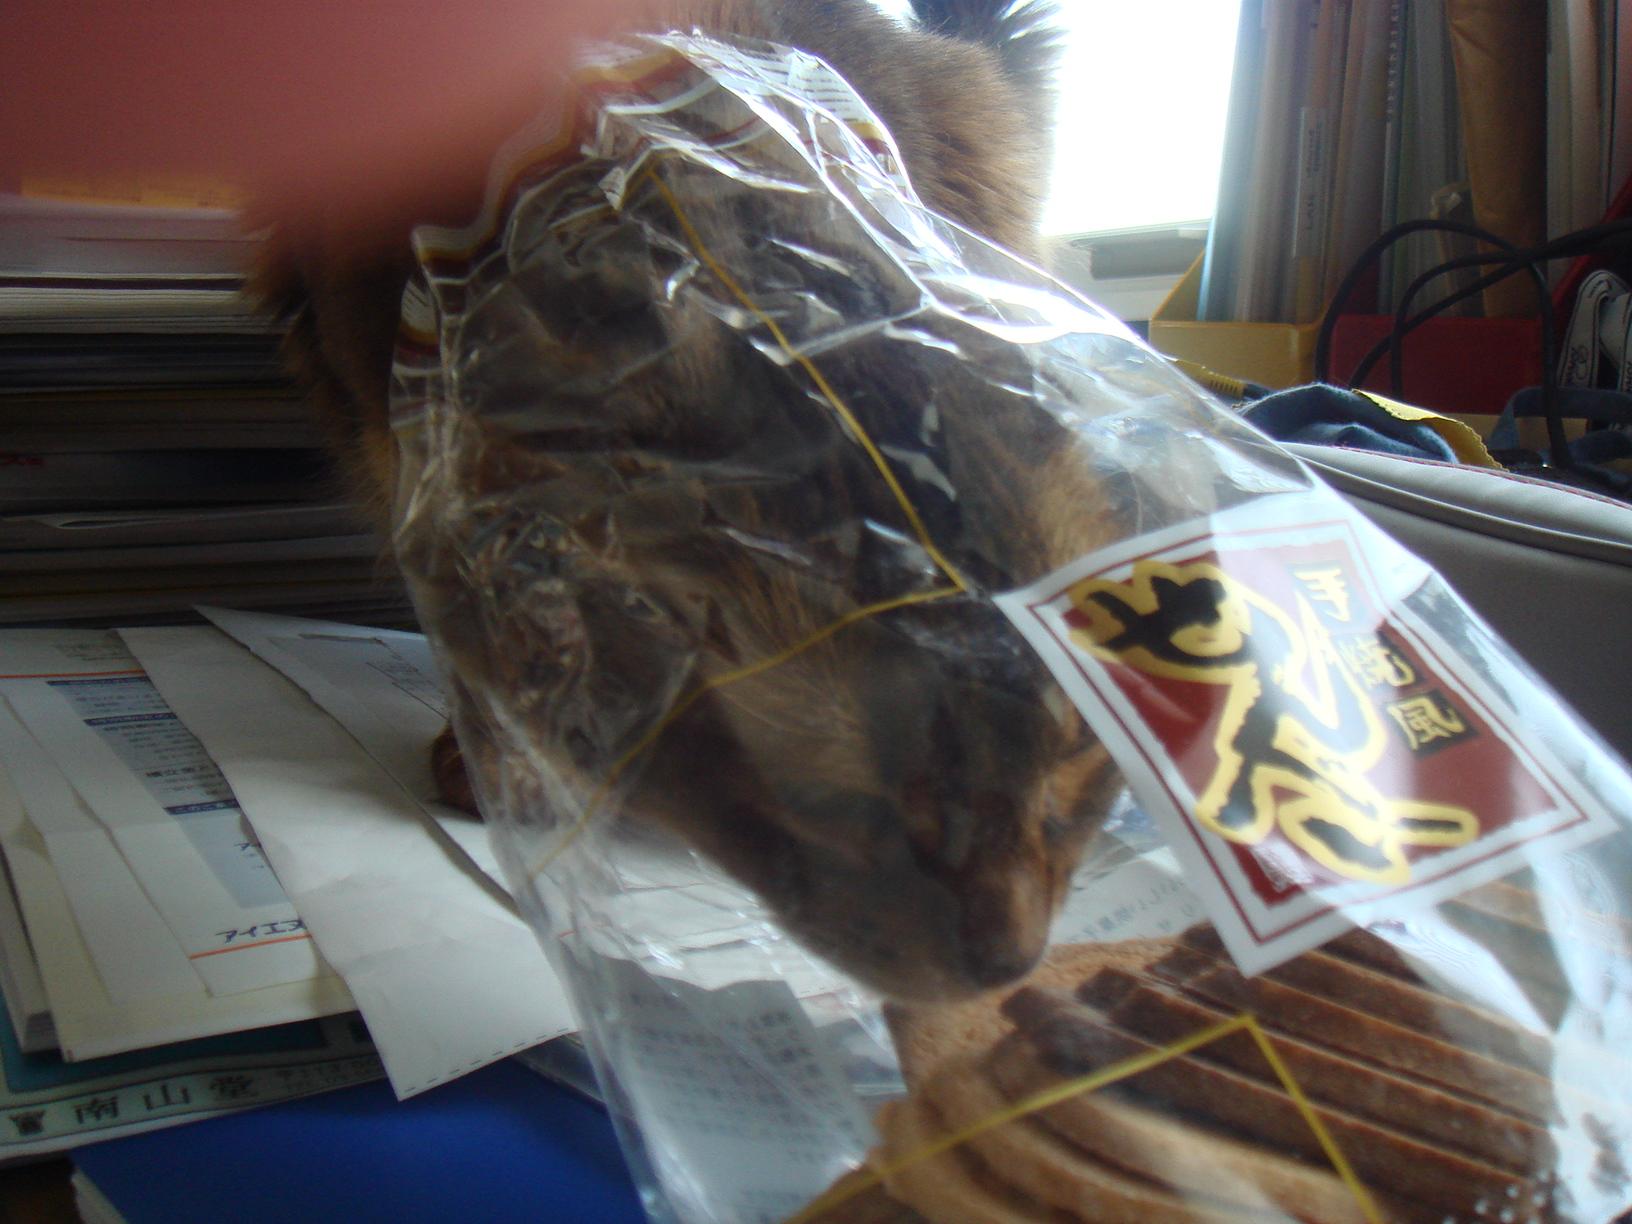 お菓子の袋に顔を突っ込むローズ